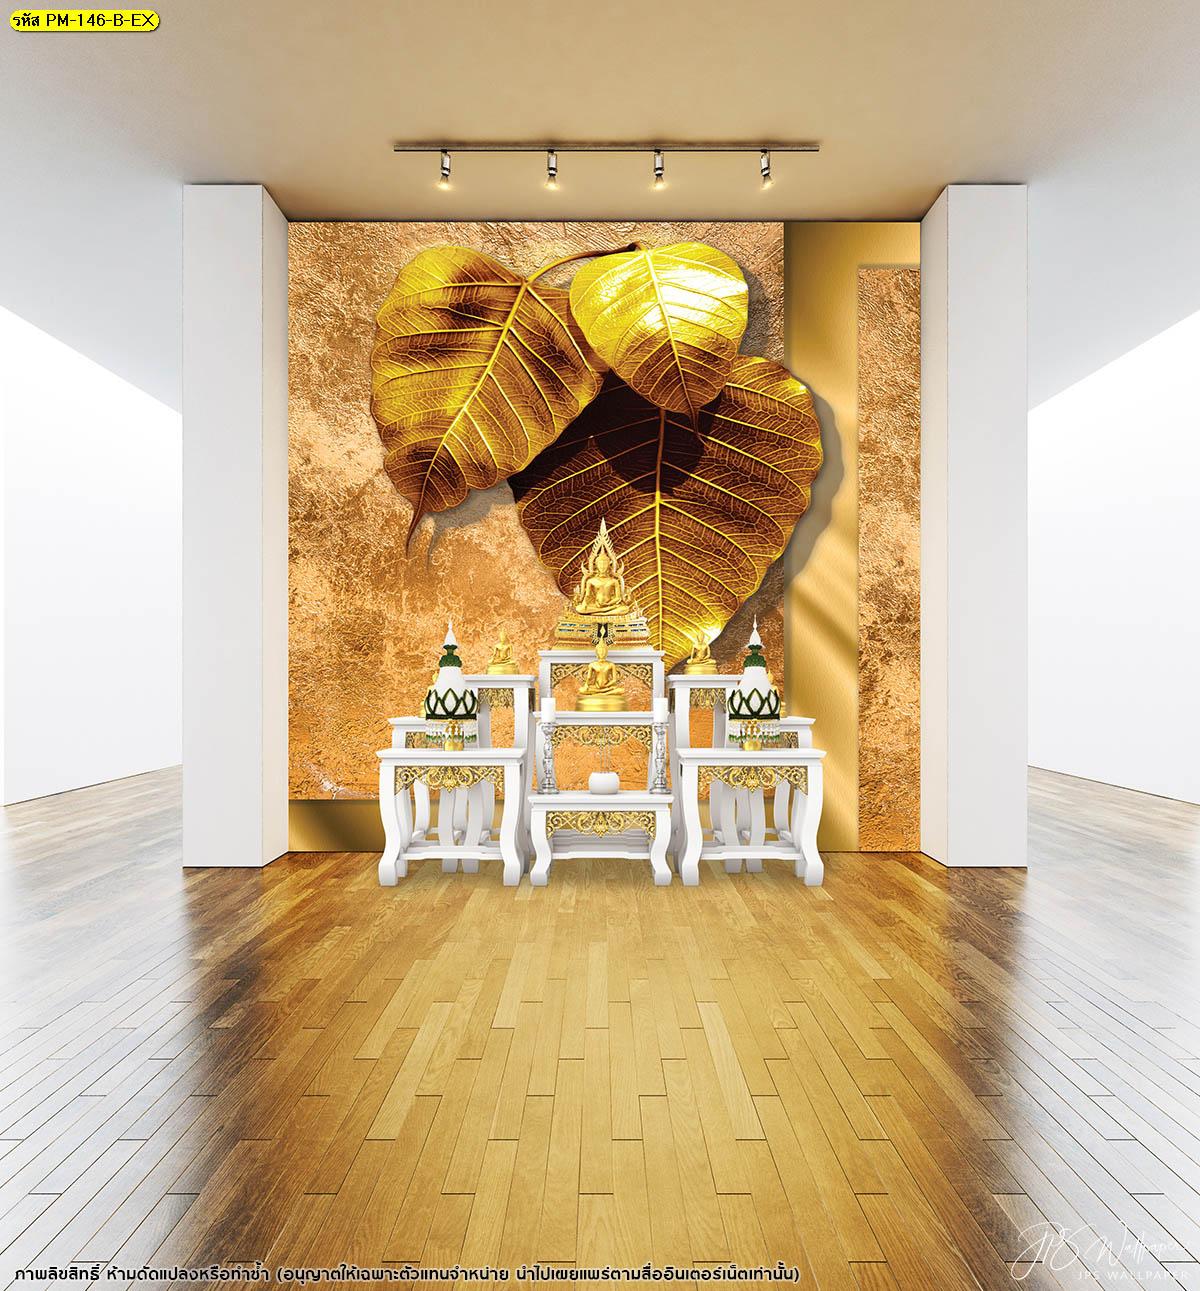 สั่งทำวอลเปเปอร์ห้องพระสวยๆ ภาพวาดฝาผนังบ้าน ภาพติดผนังสวยๆ